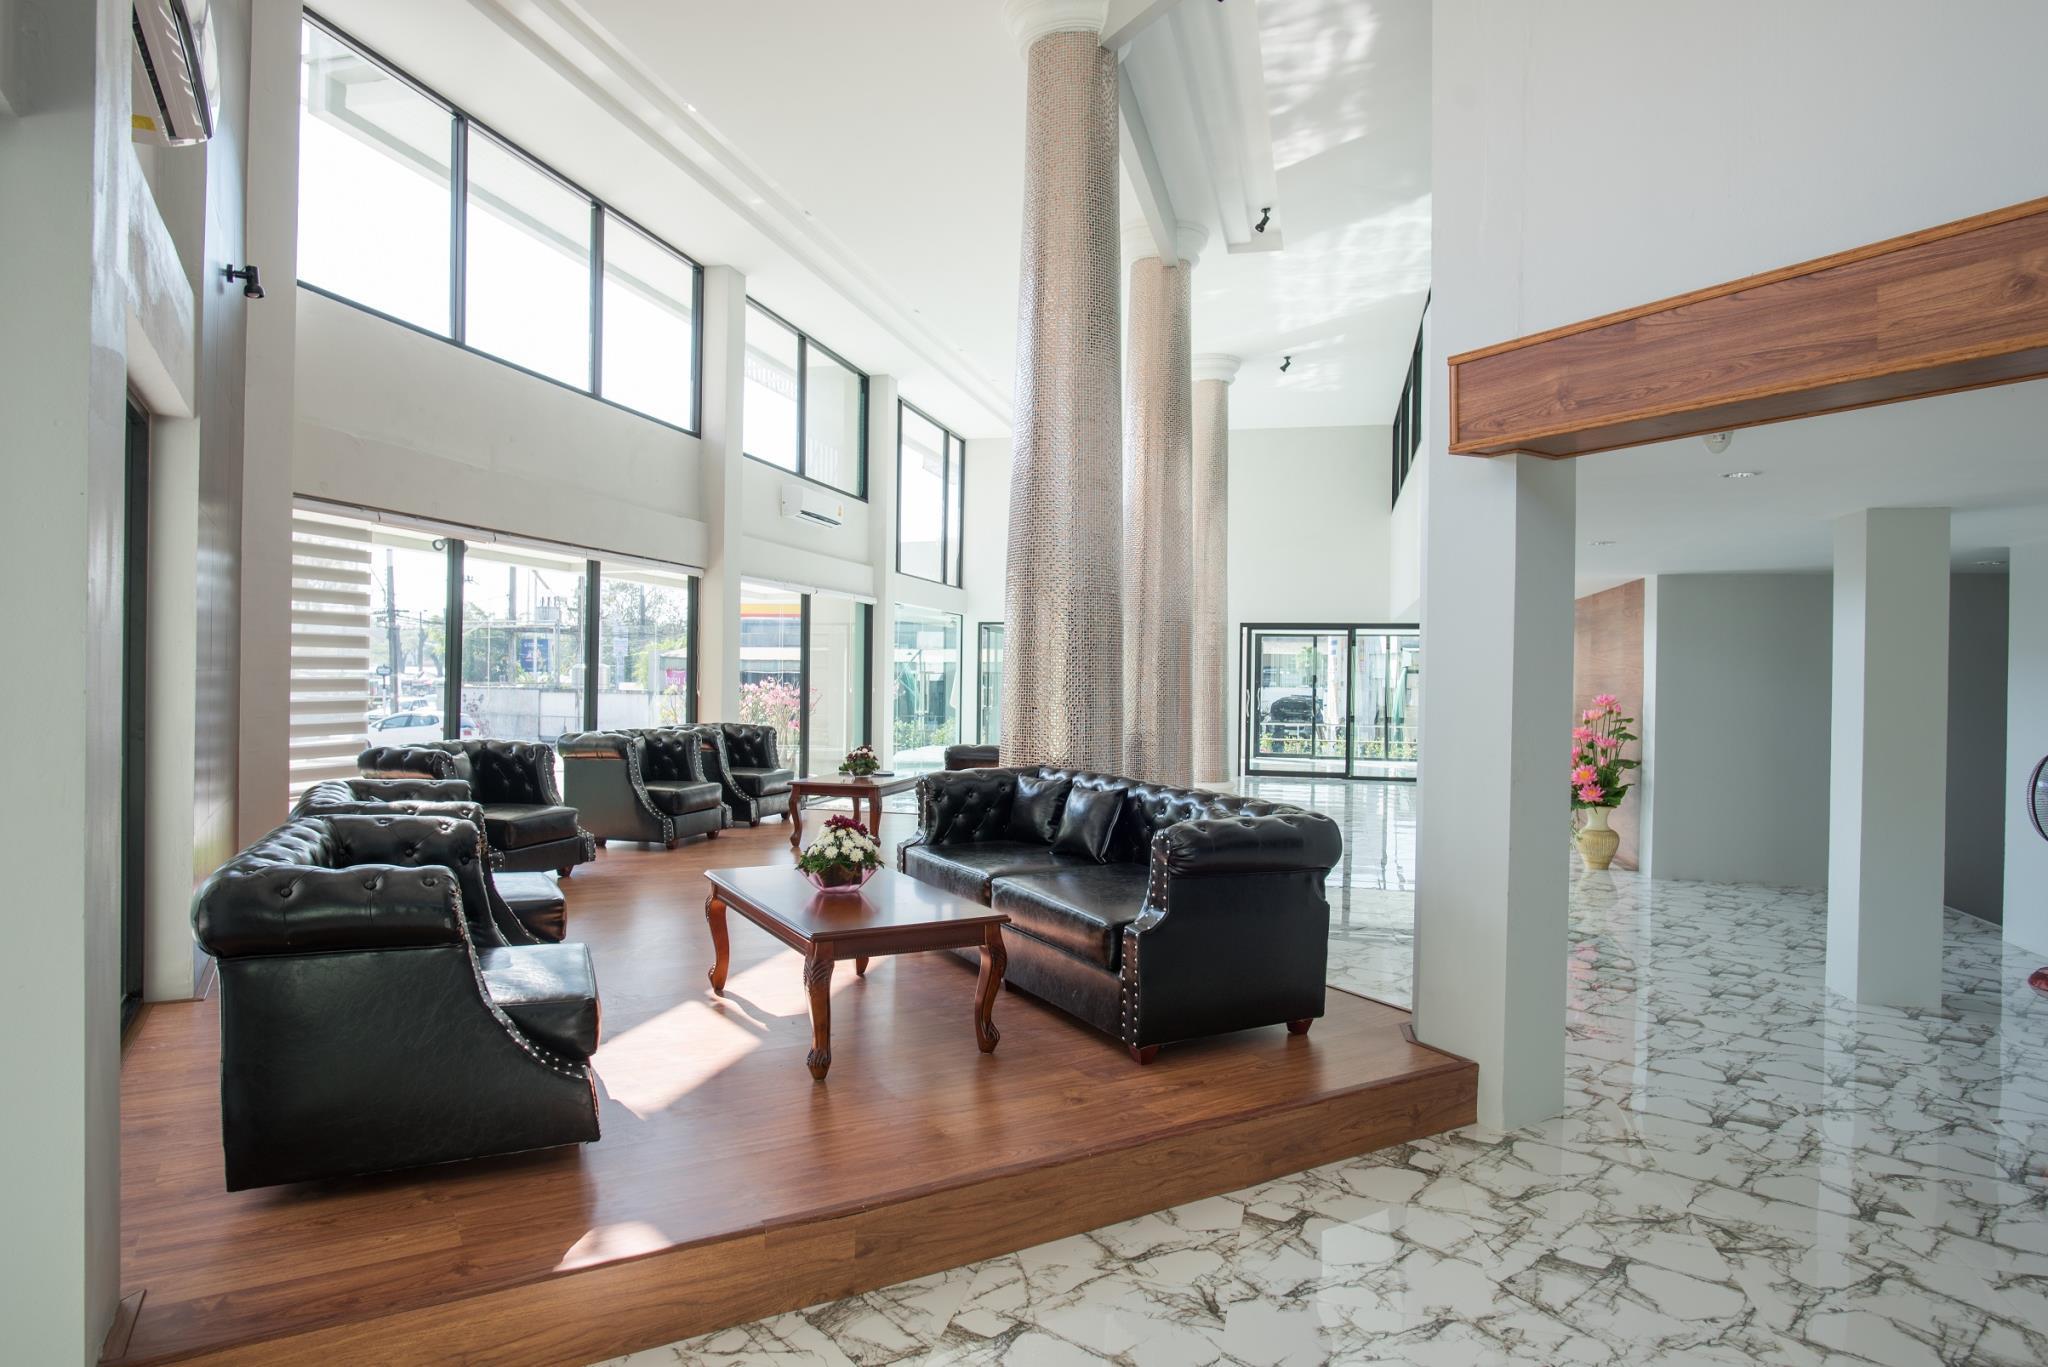 CHANTHABURI CENTER,โรงแรมจันทบุรีเซ็นเตอร์